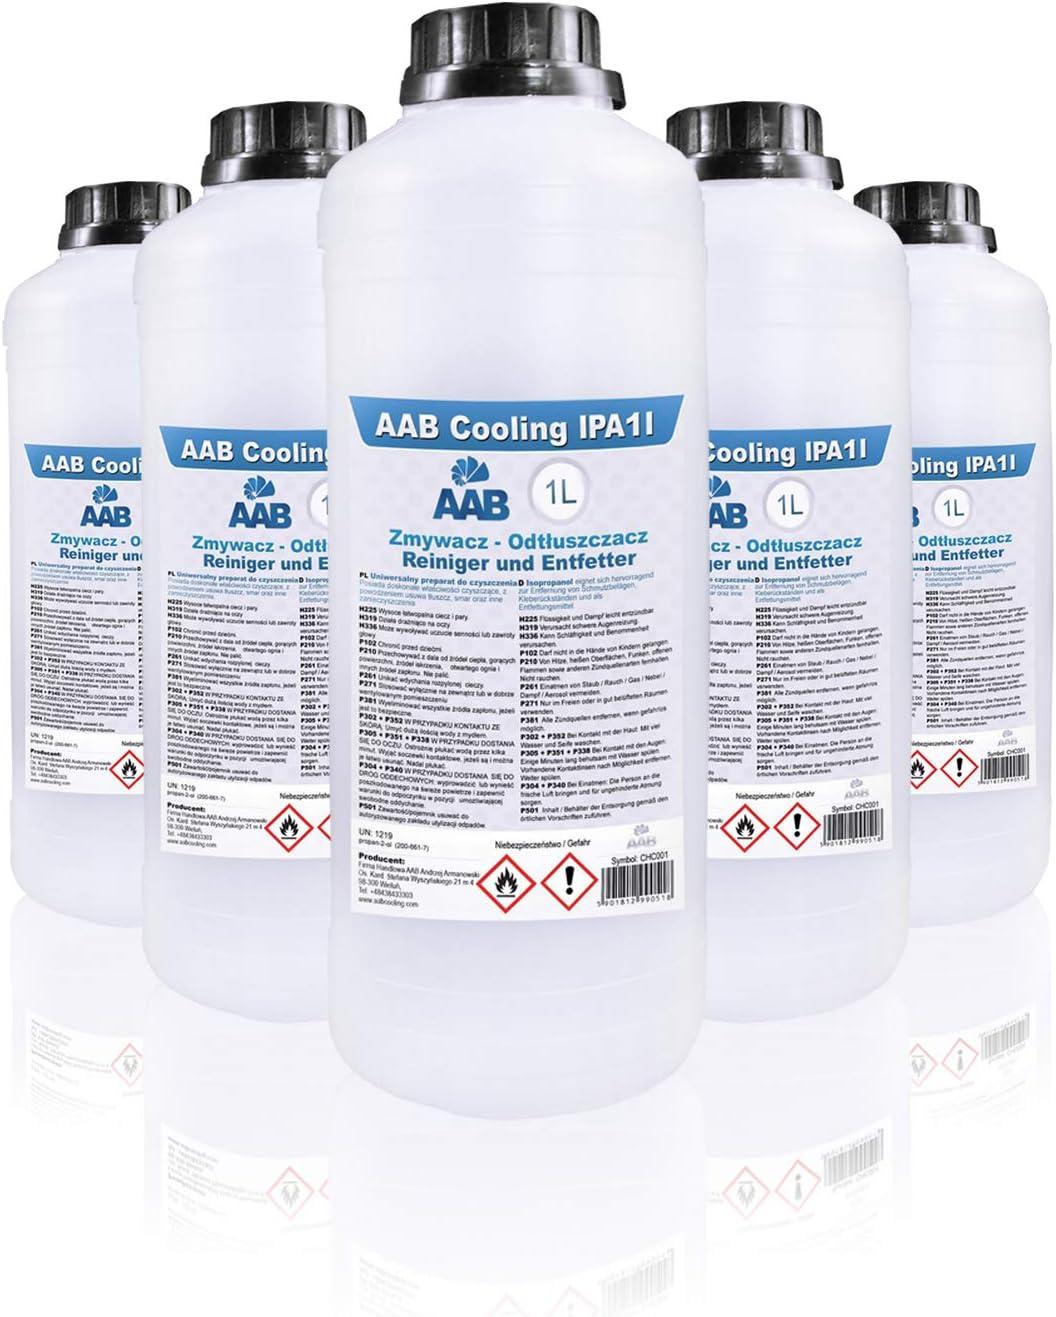 AAB IPA 1L - Conjunto de 5 - Un Isopropanol Eficaz Para la Limpieza, Universal Alchol Isopropilico, Propanol, Alcohol Desinfectante, Alcohol ...